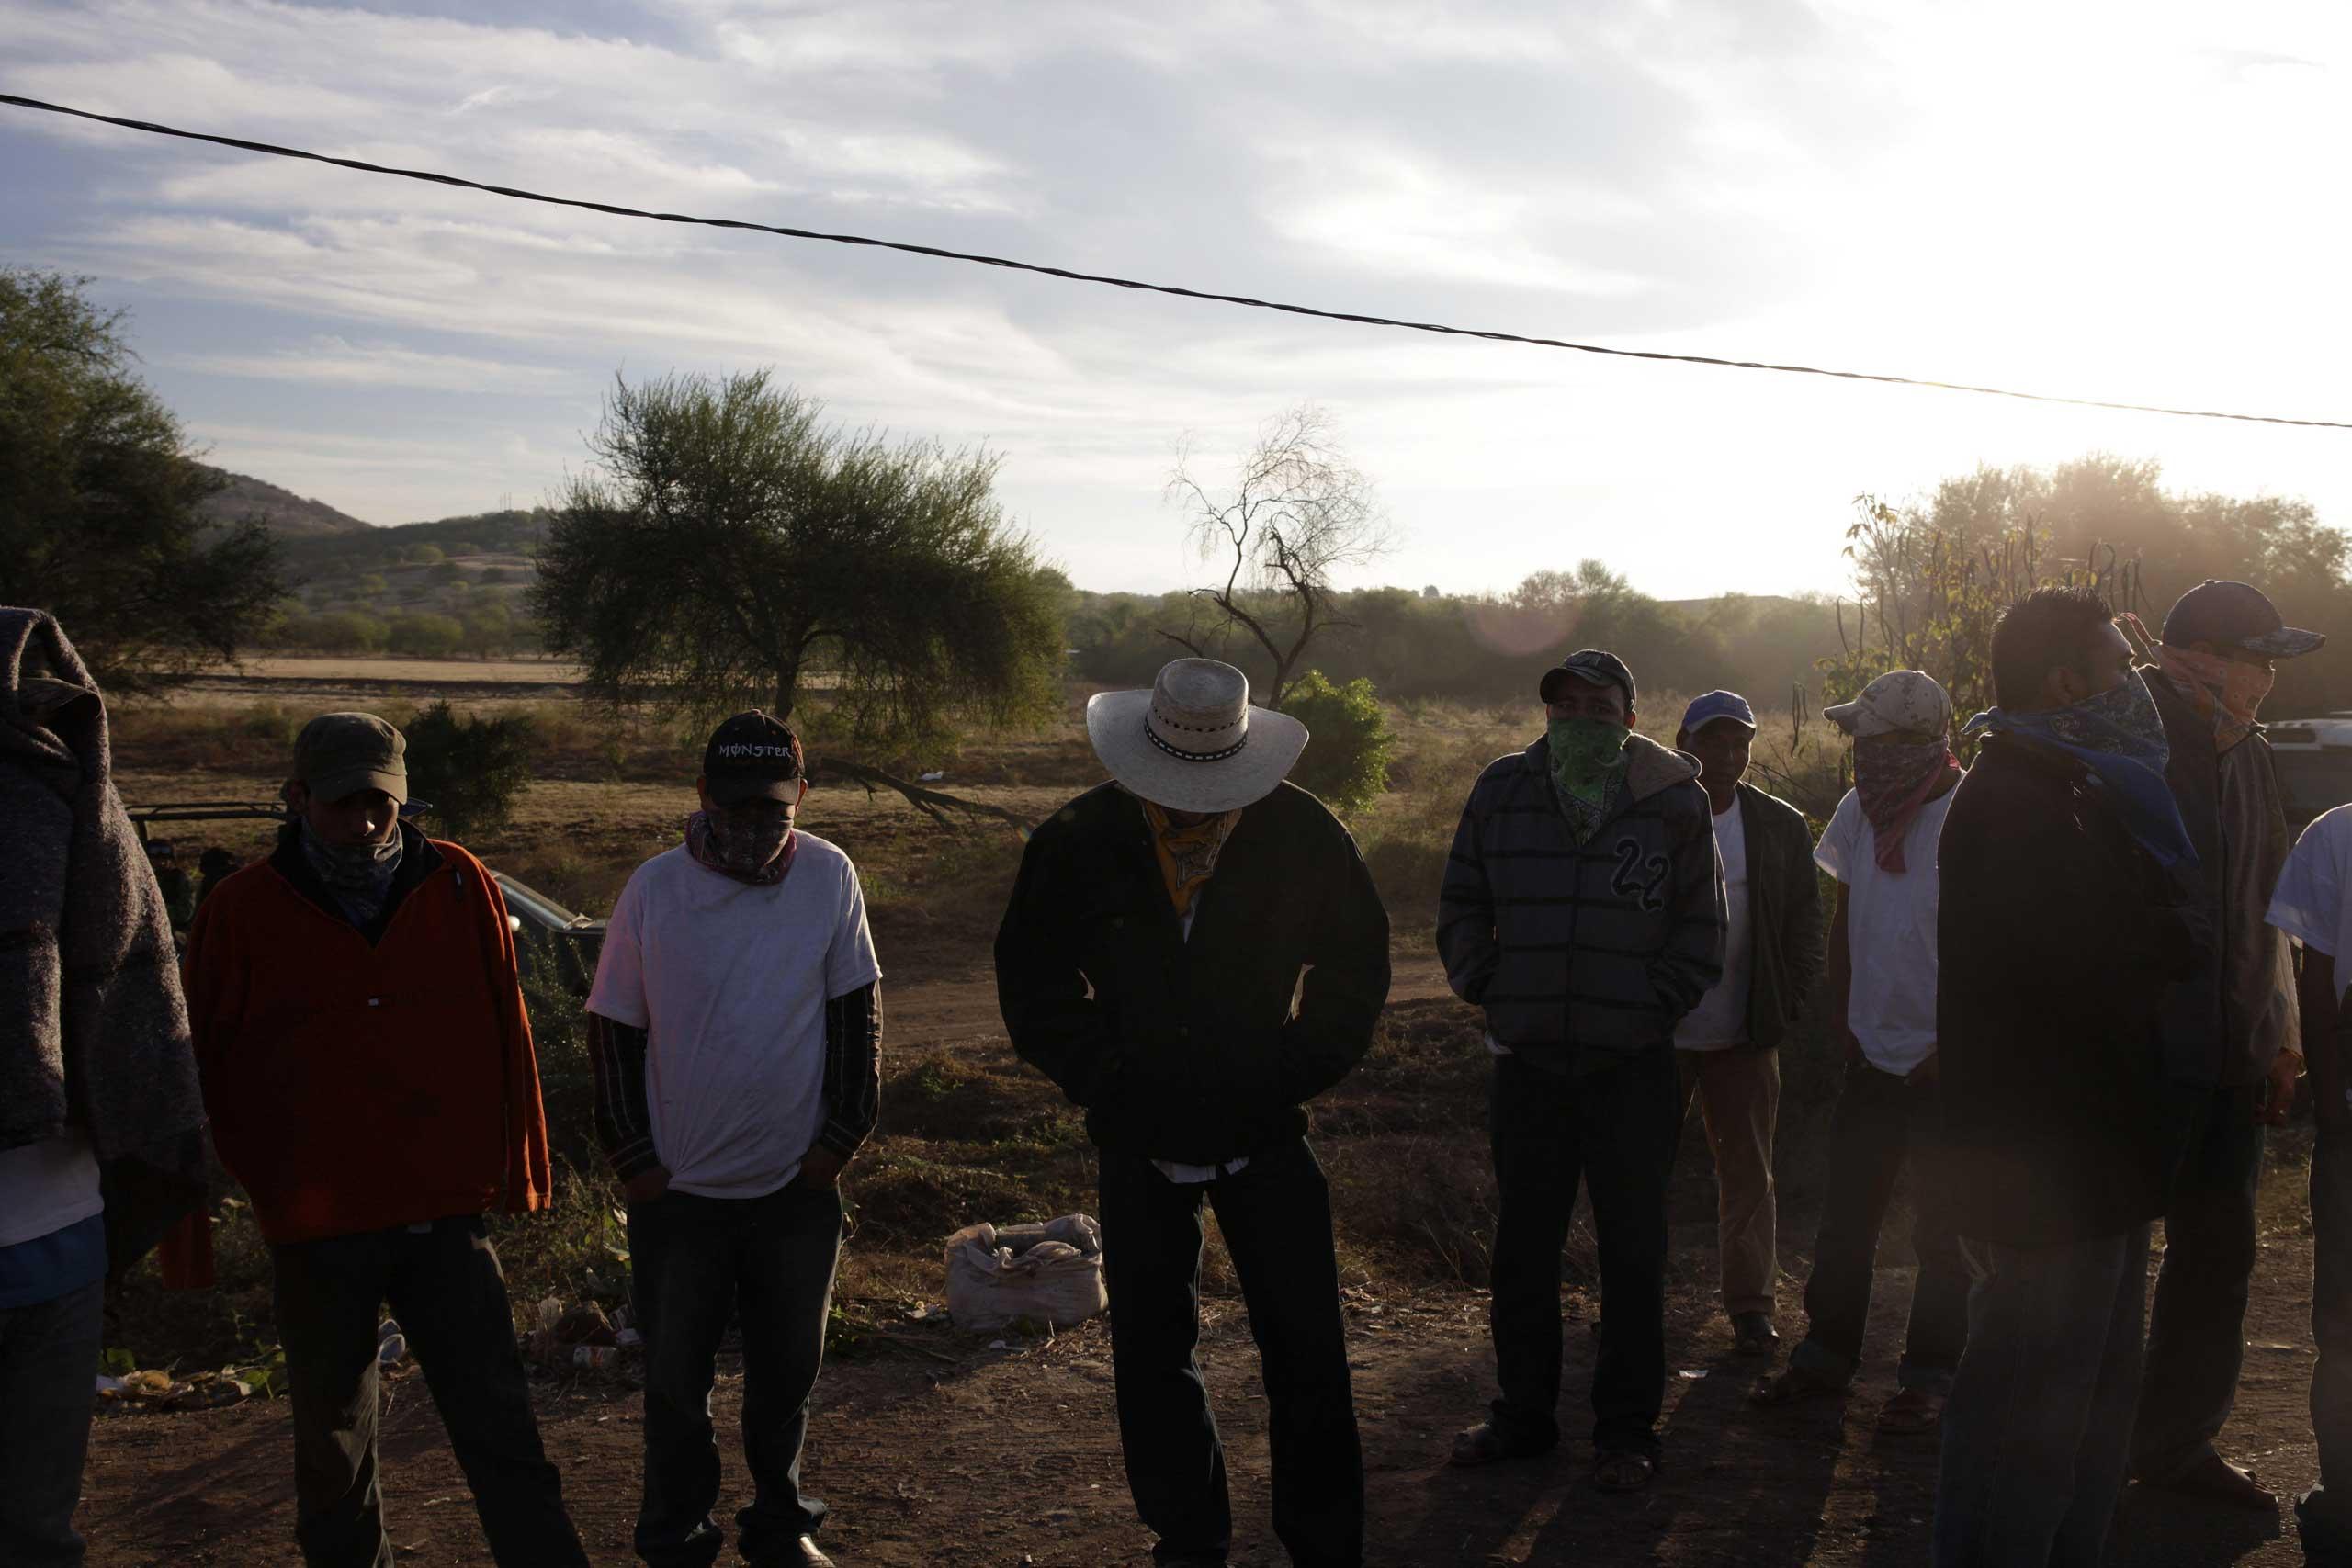 Jan. 5, 2014. Vigilantes stand at the site where JosŽ Manuel Mireles Valverde's plane crashed earlier in the week in Zicuir‡n, Michoac‡n.